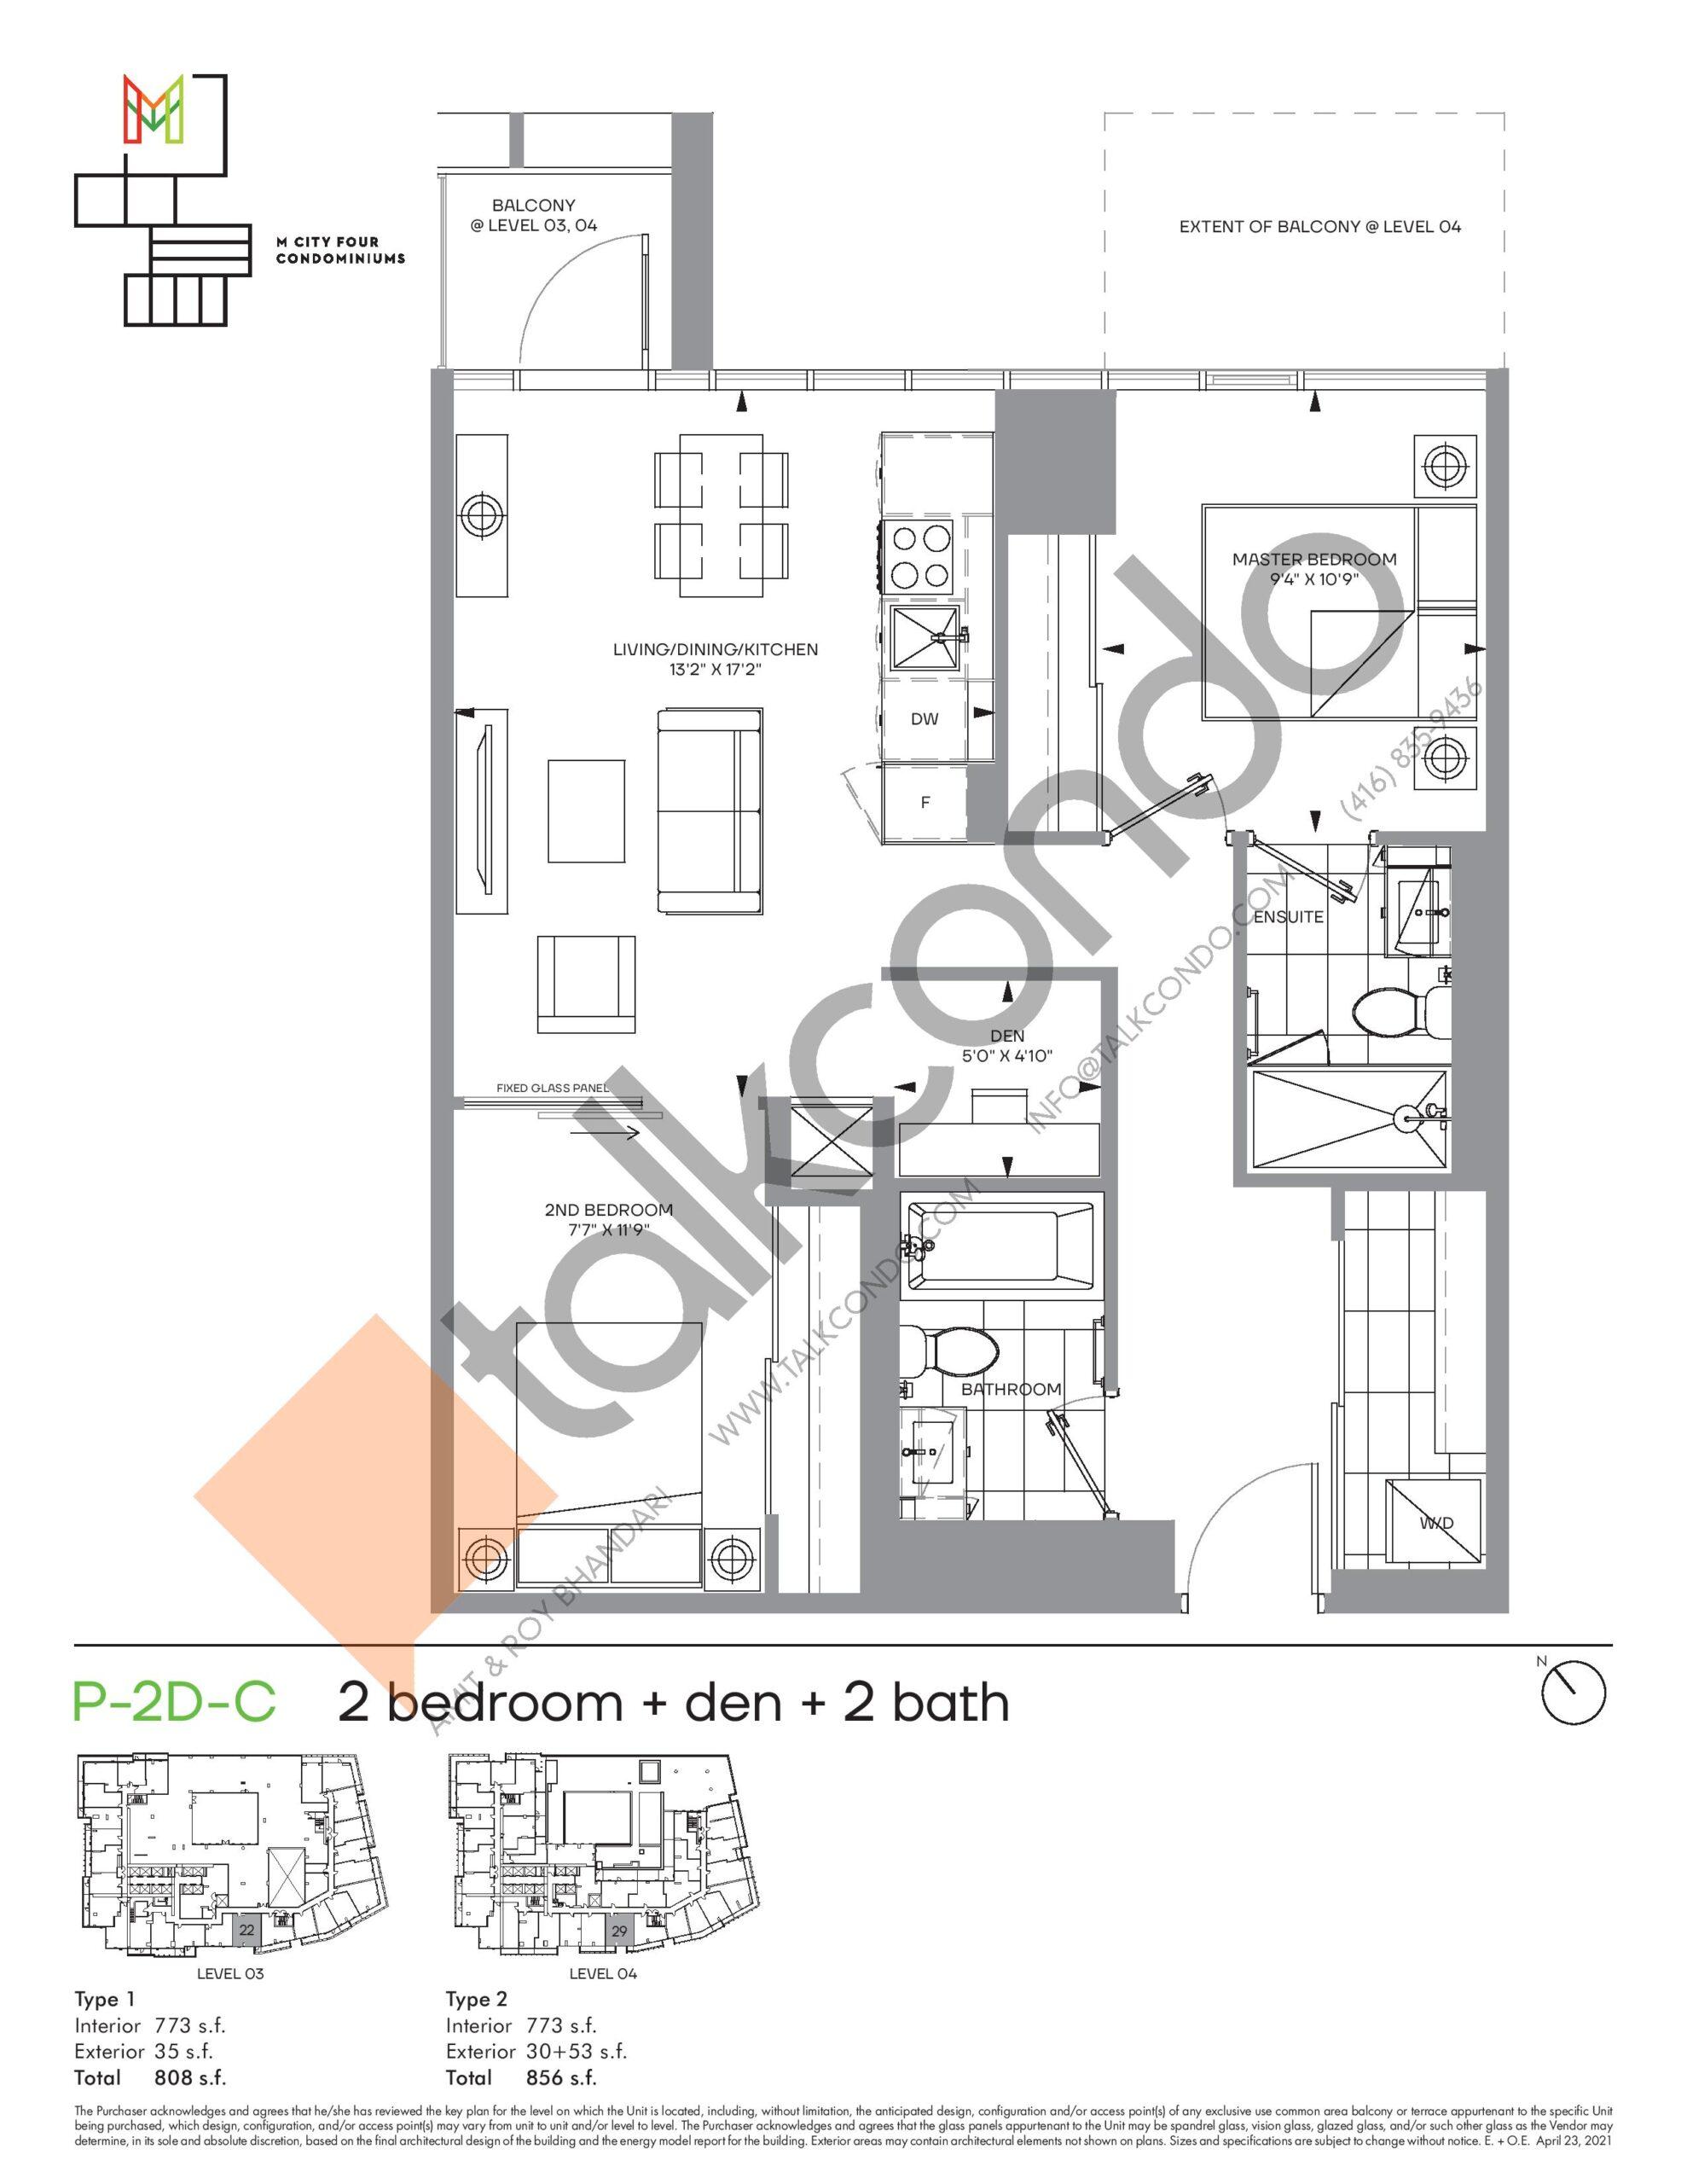 P-2D-C (Podium) Floor Plan at M4 Condos - 773 sq.ft